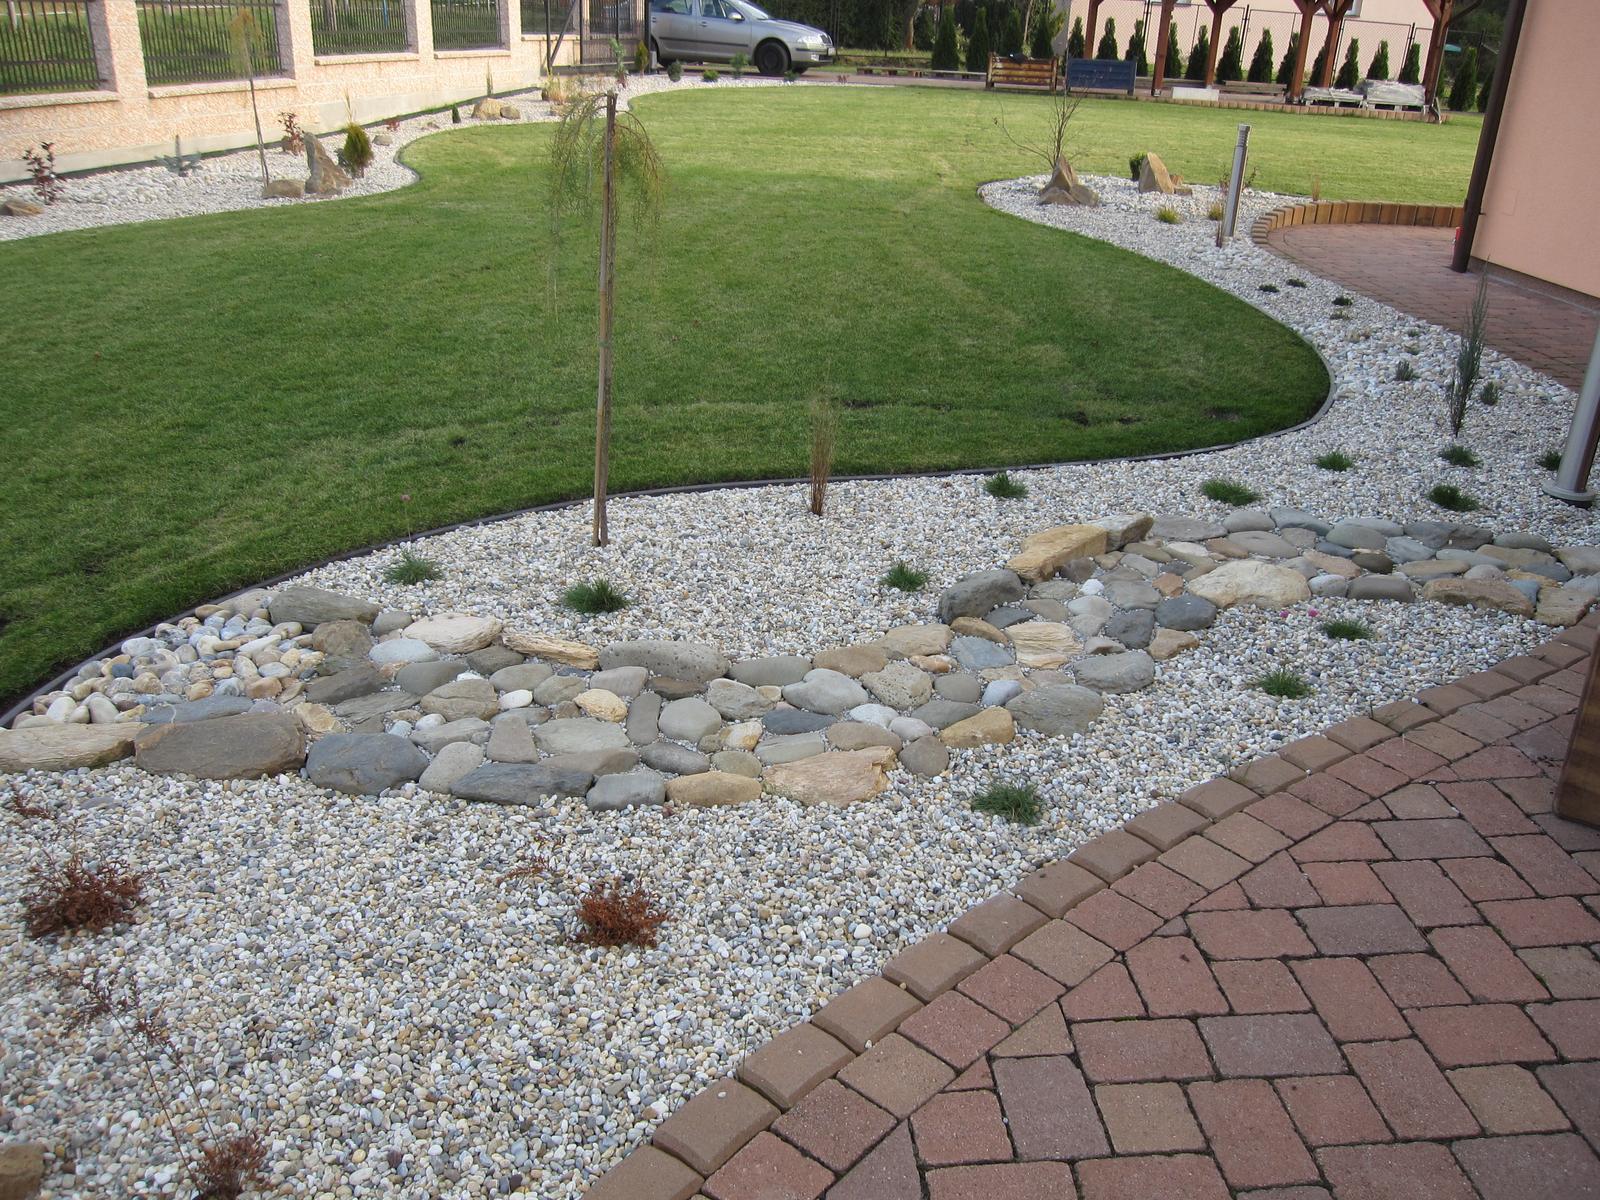 Nápady na zahradu - Obrázek č. 69